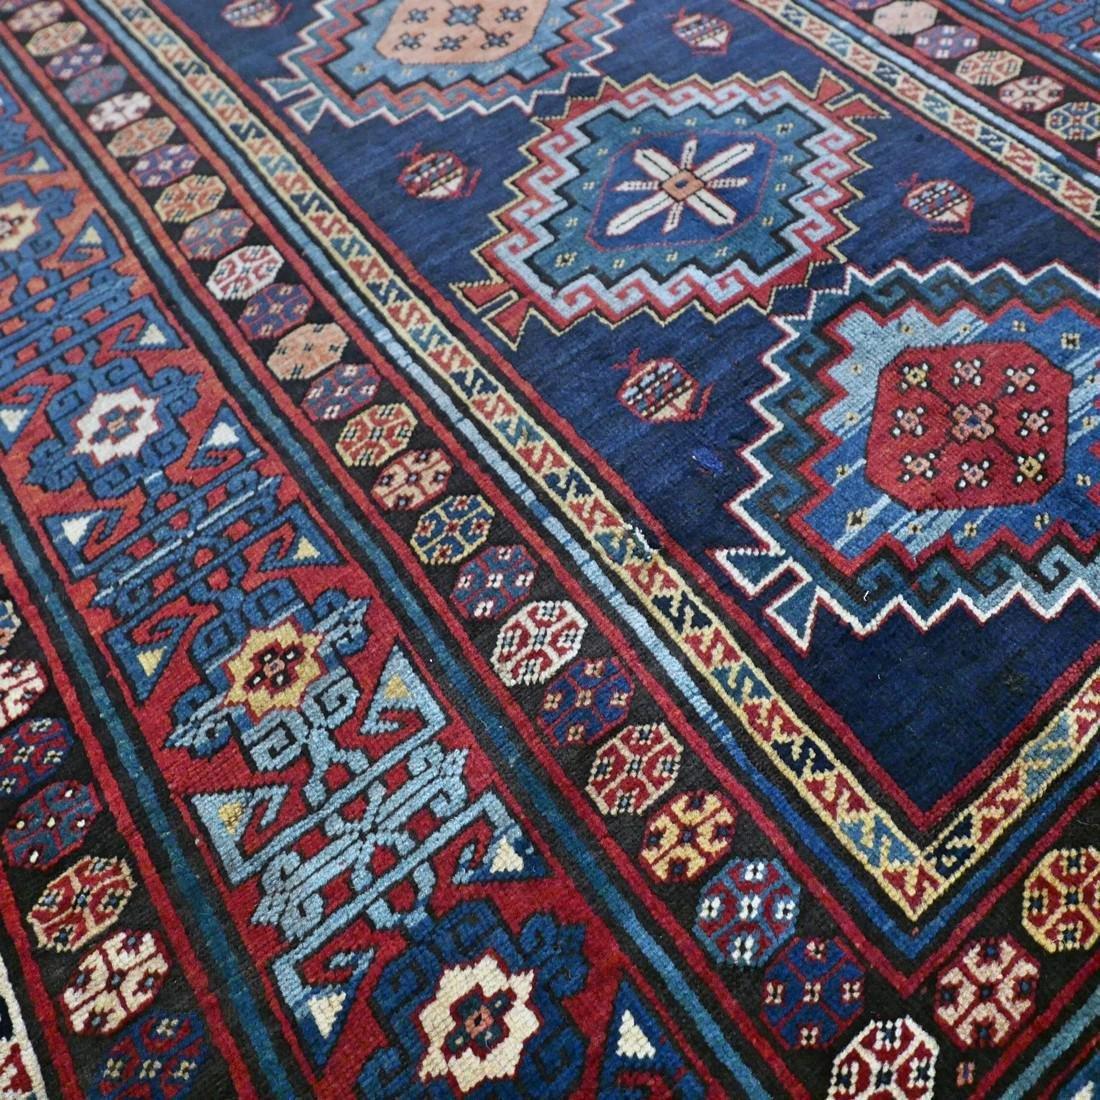 Antique 1800s Kazak rug - 9.5 x 4.3 - 9